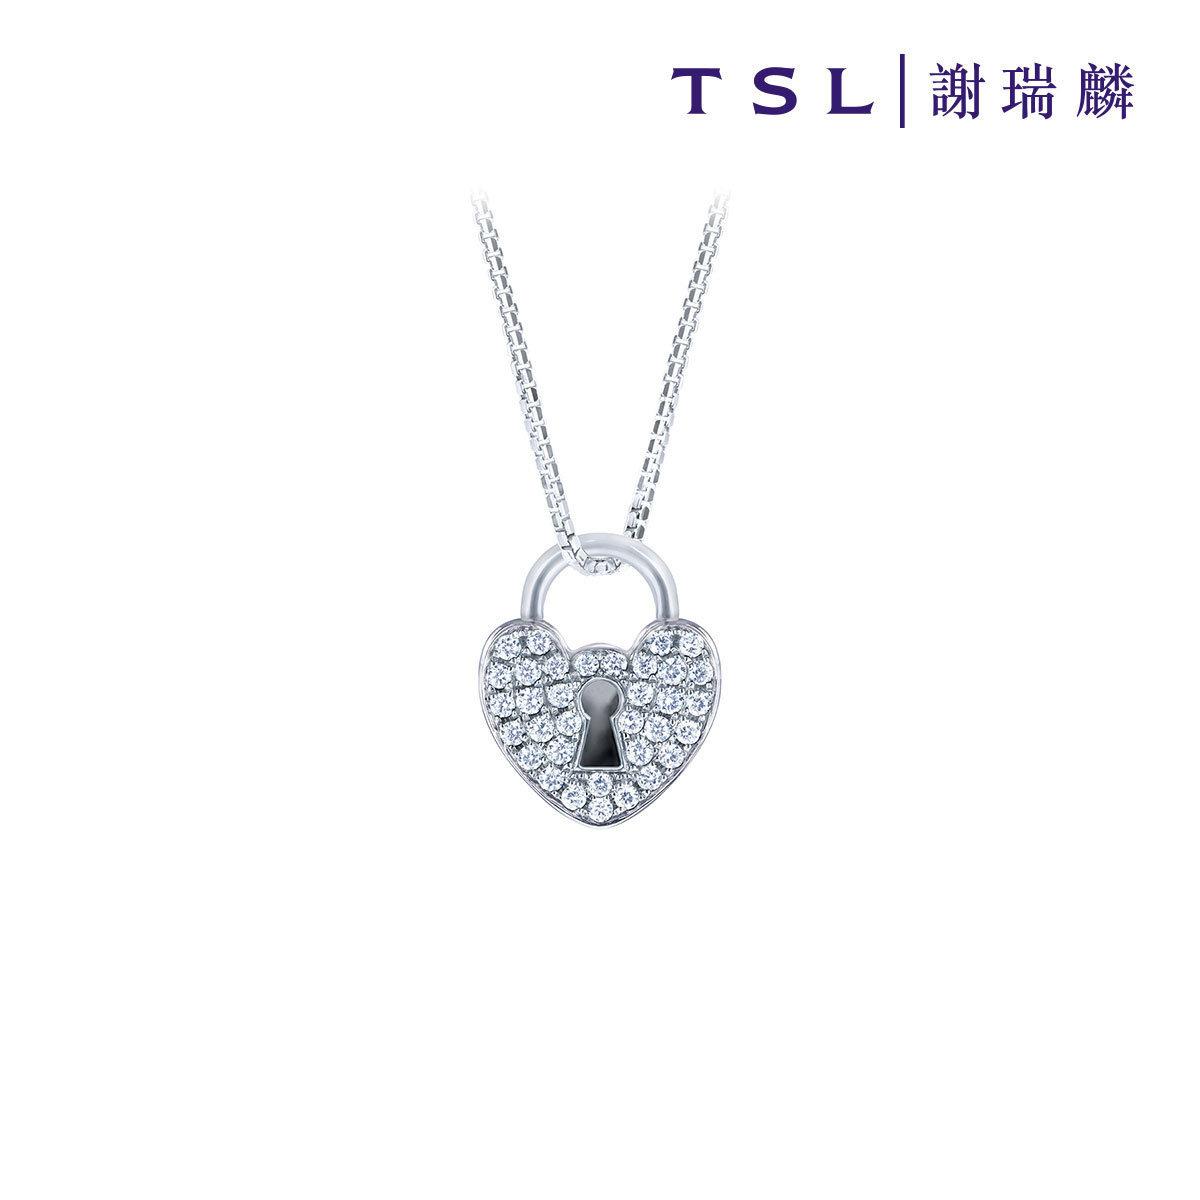 18K White Gold  Pendant with Diamond